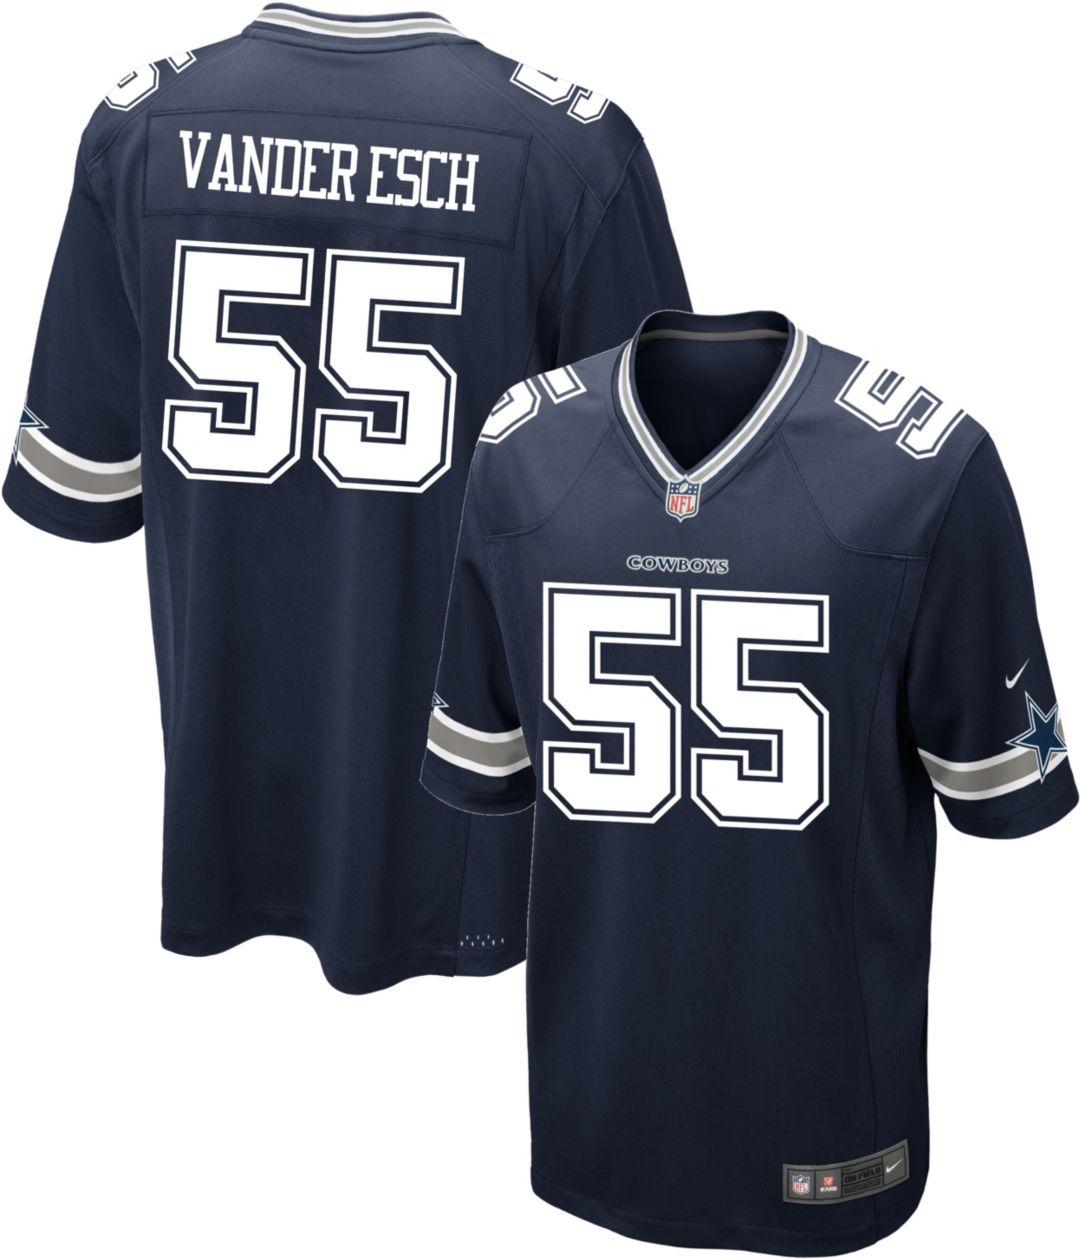 34580bd68420d Leighton Vander Esch #55 Nike Men's Dallas Cowboys Game Jersey ...